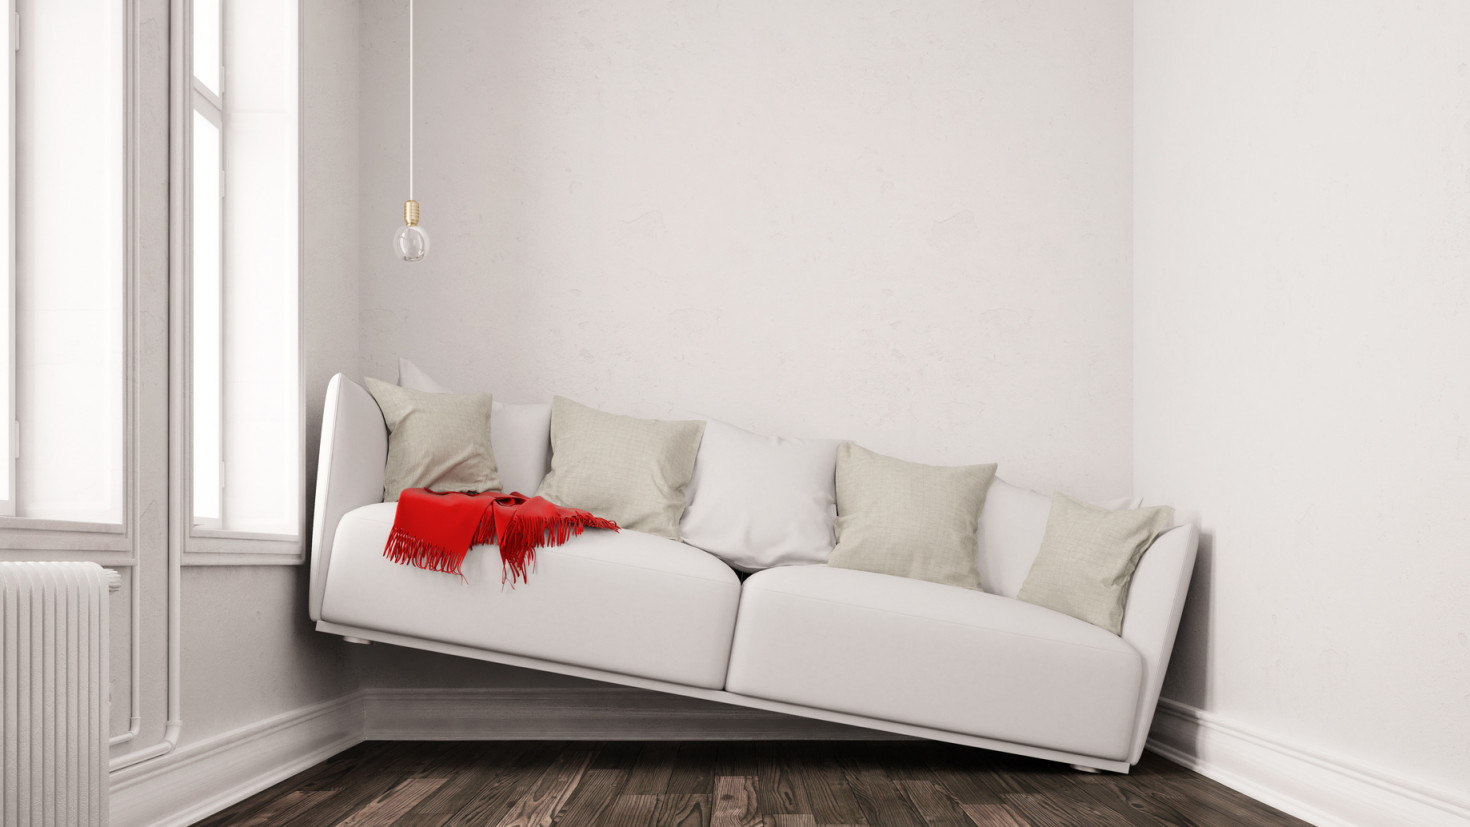 Kleines Wohnzimmer Einrichten  10 Ultimative Ideen von Wohnzimmer Hell Einrichten Bild